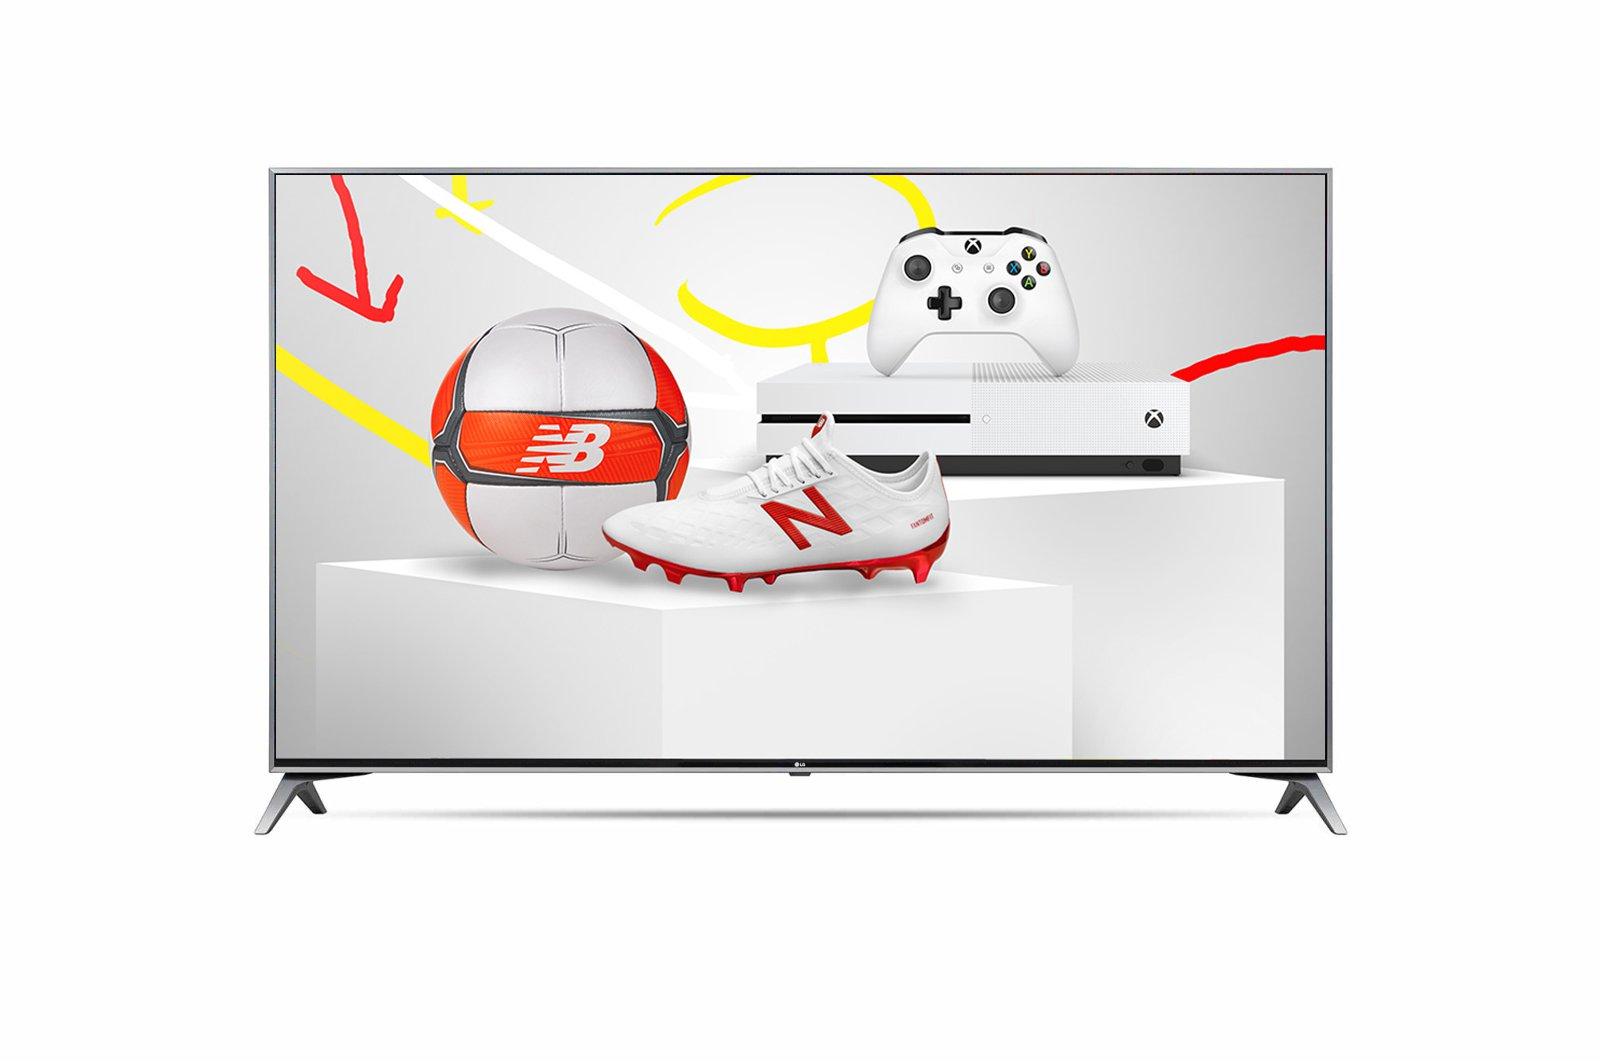 Telewizor z konsolą i rabatem na produkty sportowe